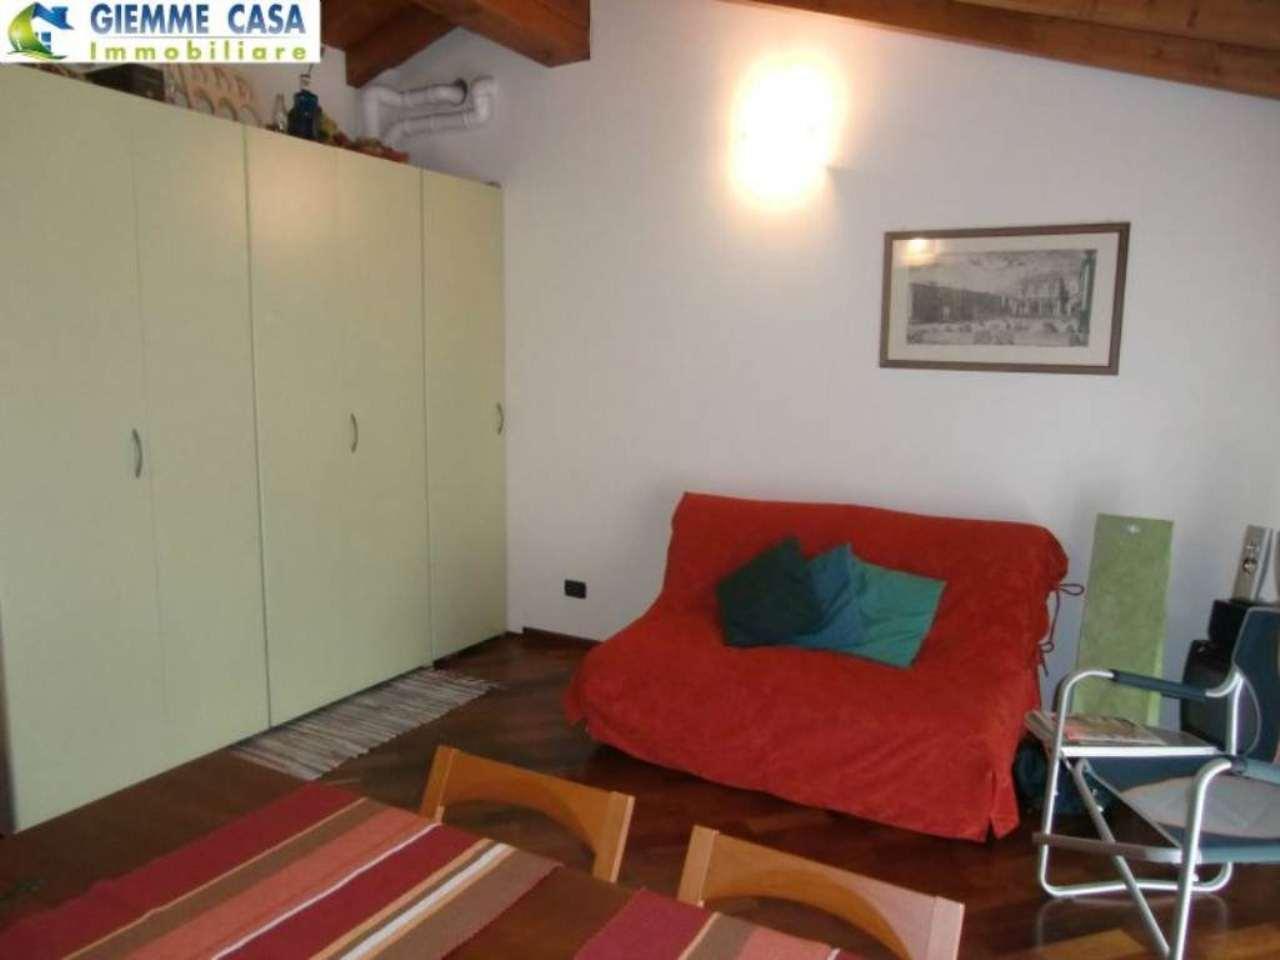 Bilocale Lonato Del Garda Via Montebello 4